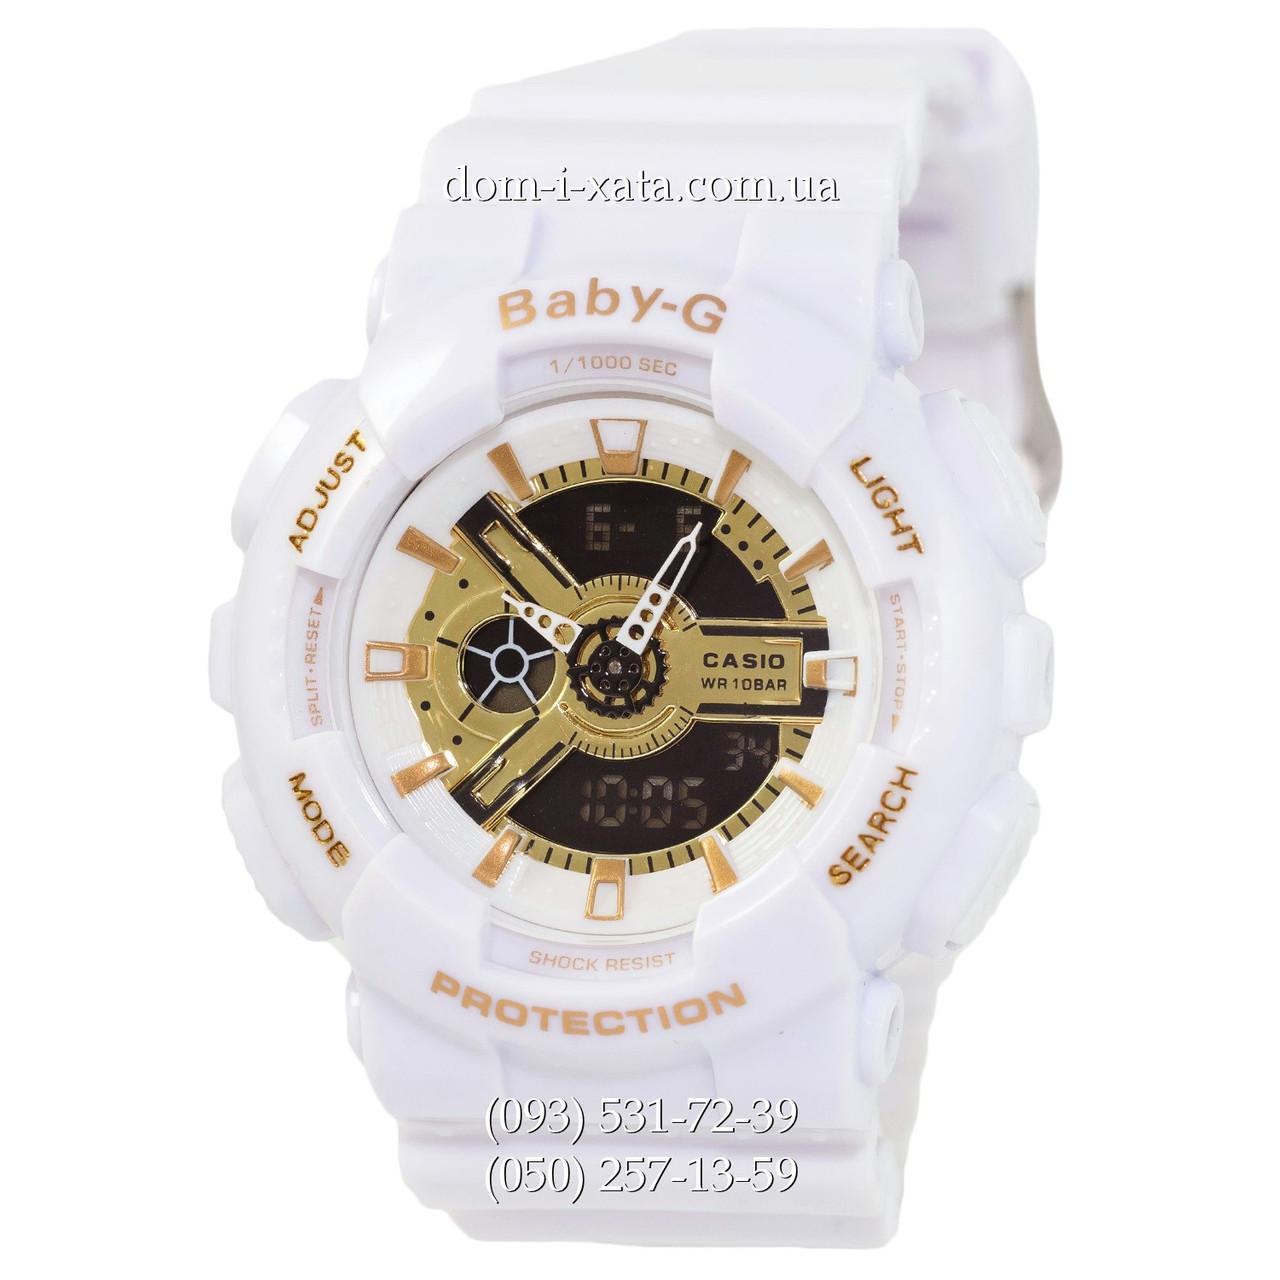 Электронные женские часы Casio Baby-G GA-110 White-Gold, спортивные часы Бейби Джи белые, реплика